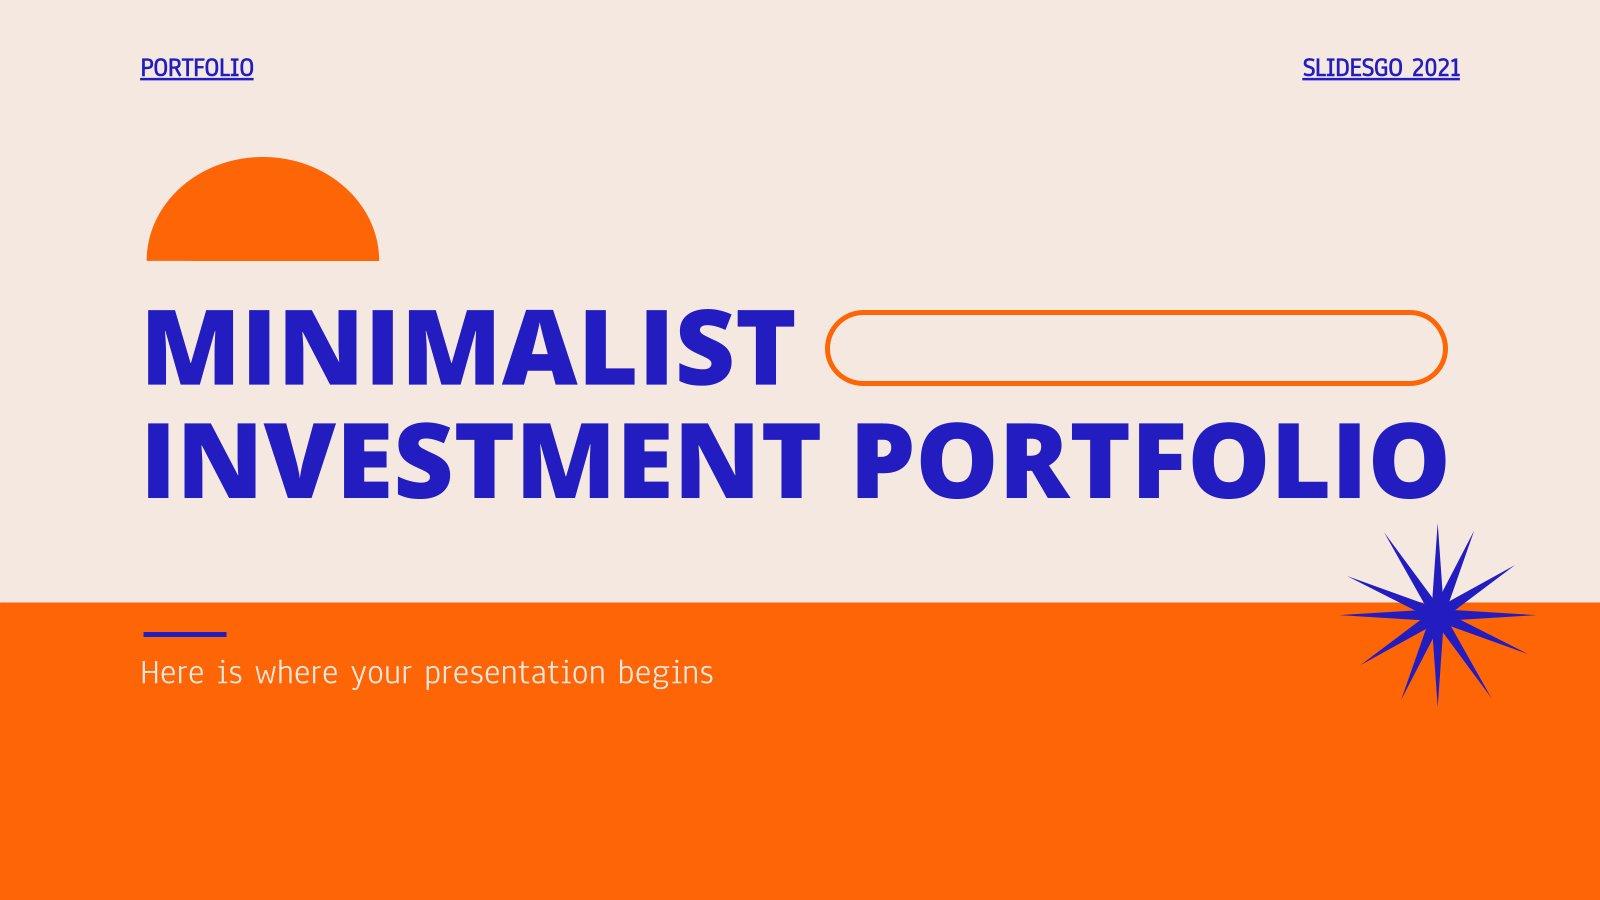 Modelo de apresentação Portfólio minimalista de investimentos